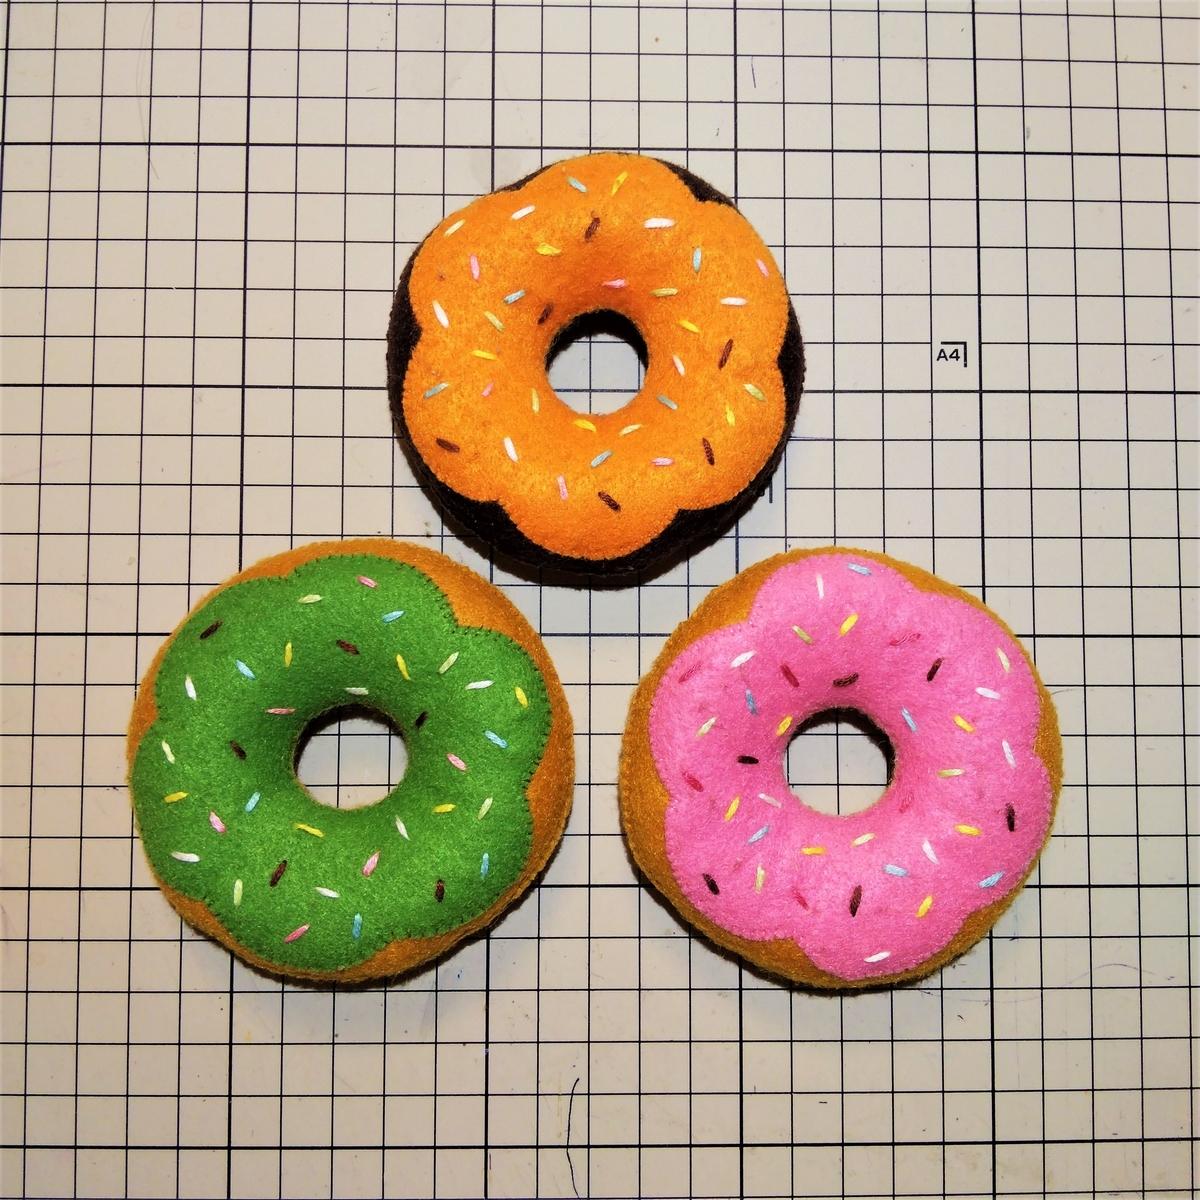 『デコレーションドーナツ』作品例